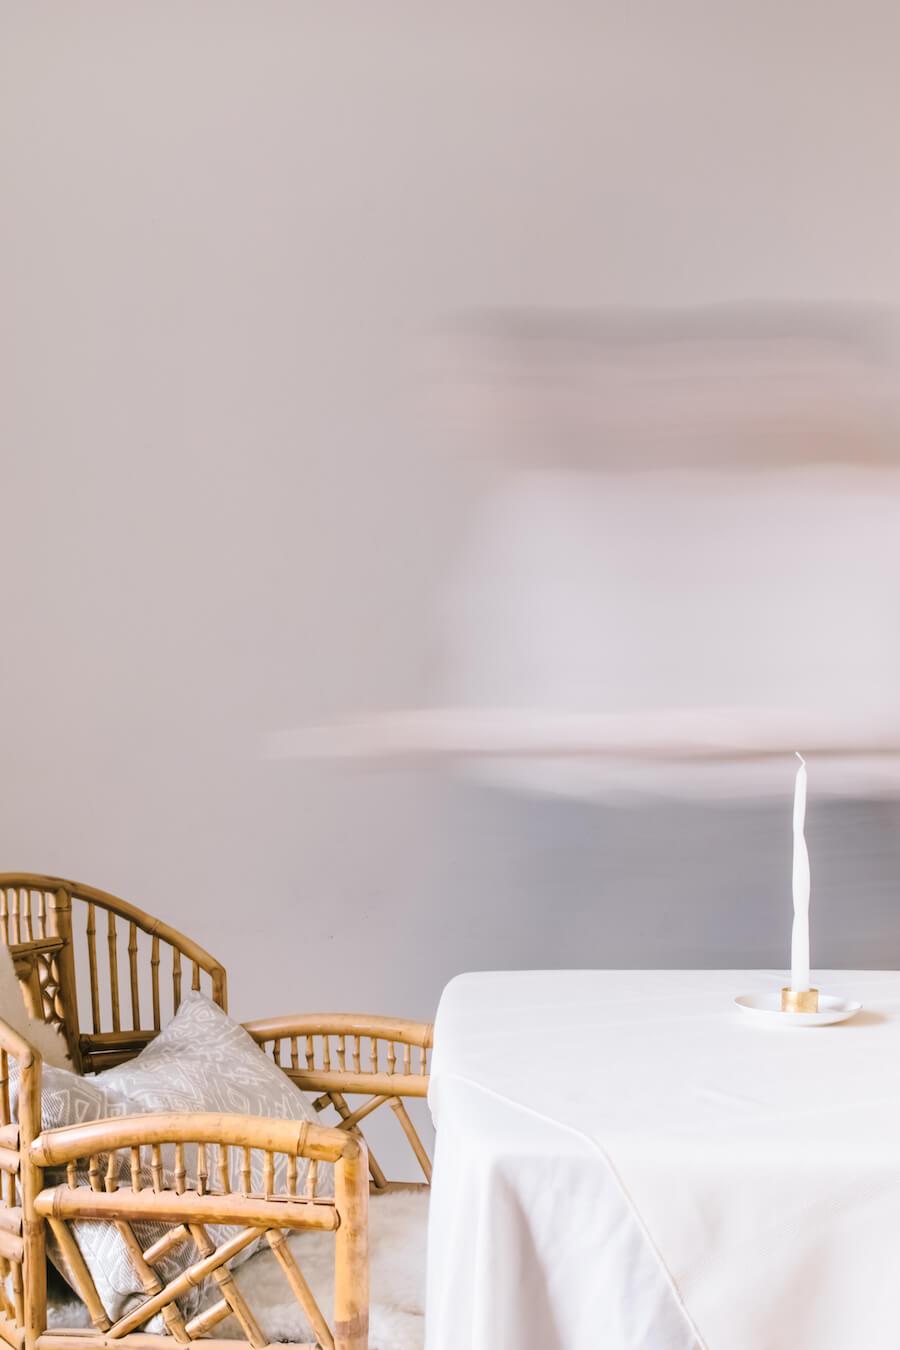 Modern DIY decor spiral candles